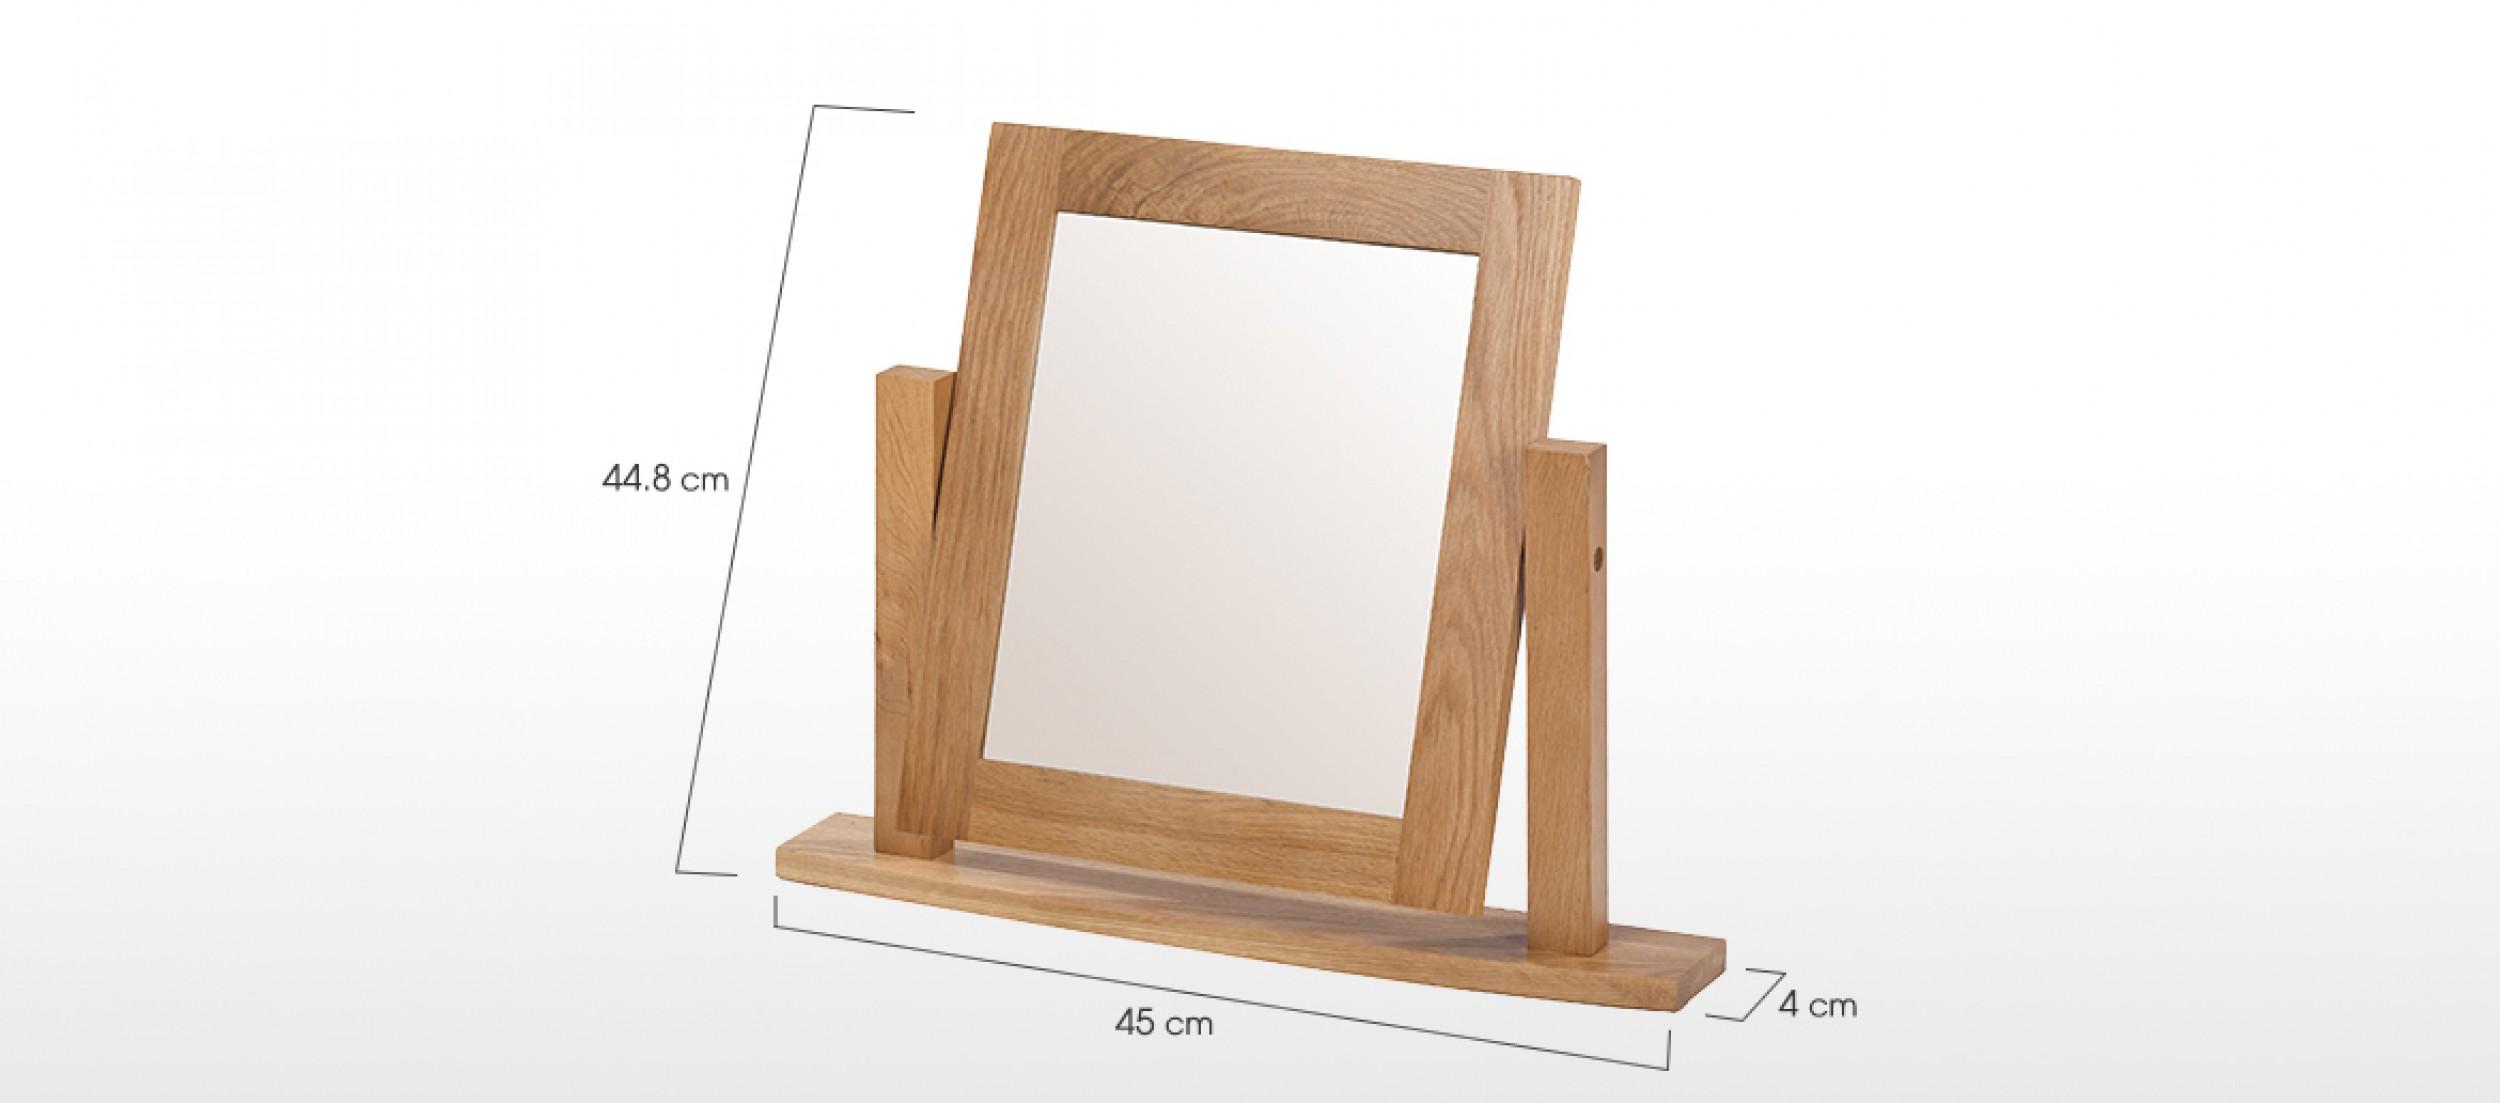 Dimensions dressing elegant placards et rangements sur mesure coulissants dr - Dimension dressing ikea ...